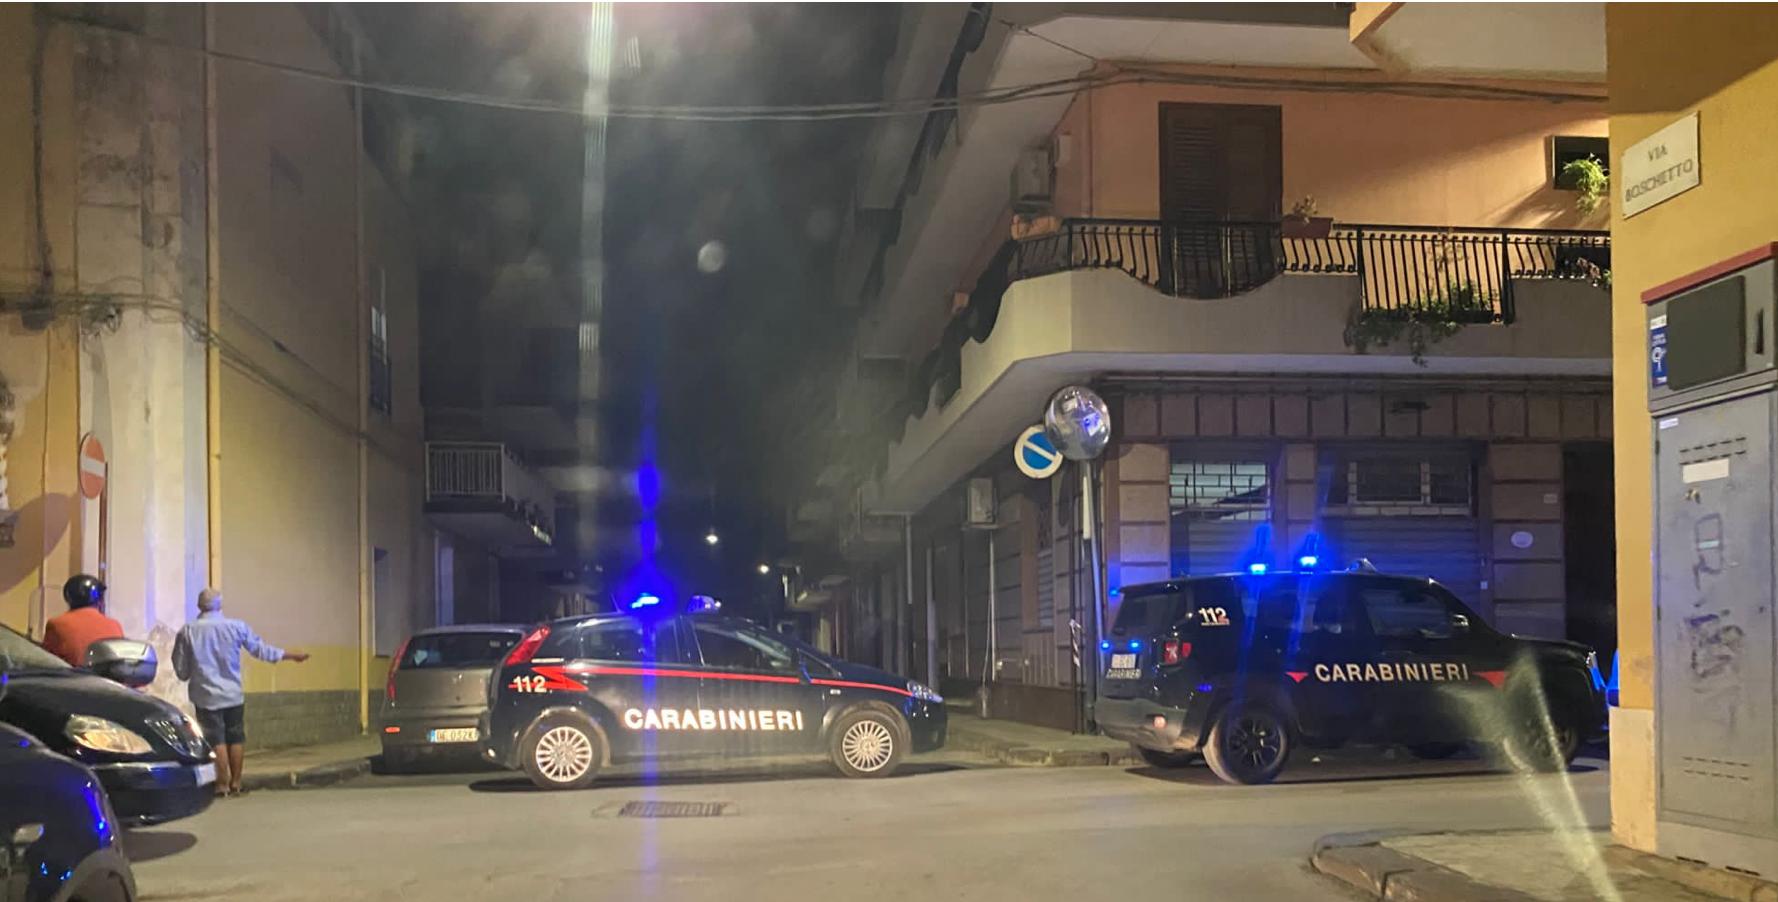 Floridia, inseguimenti gente bloccata dai carabinieri e notizia smentita